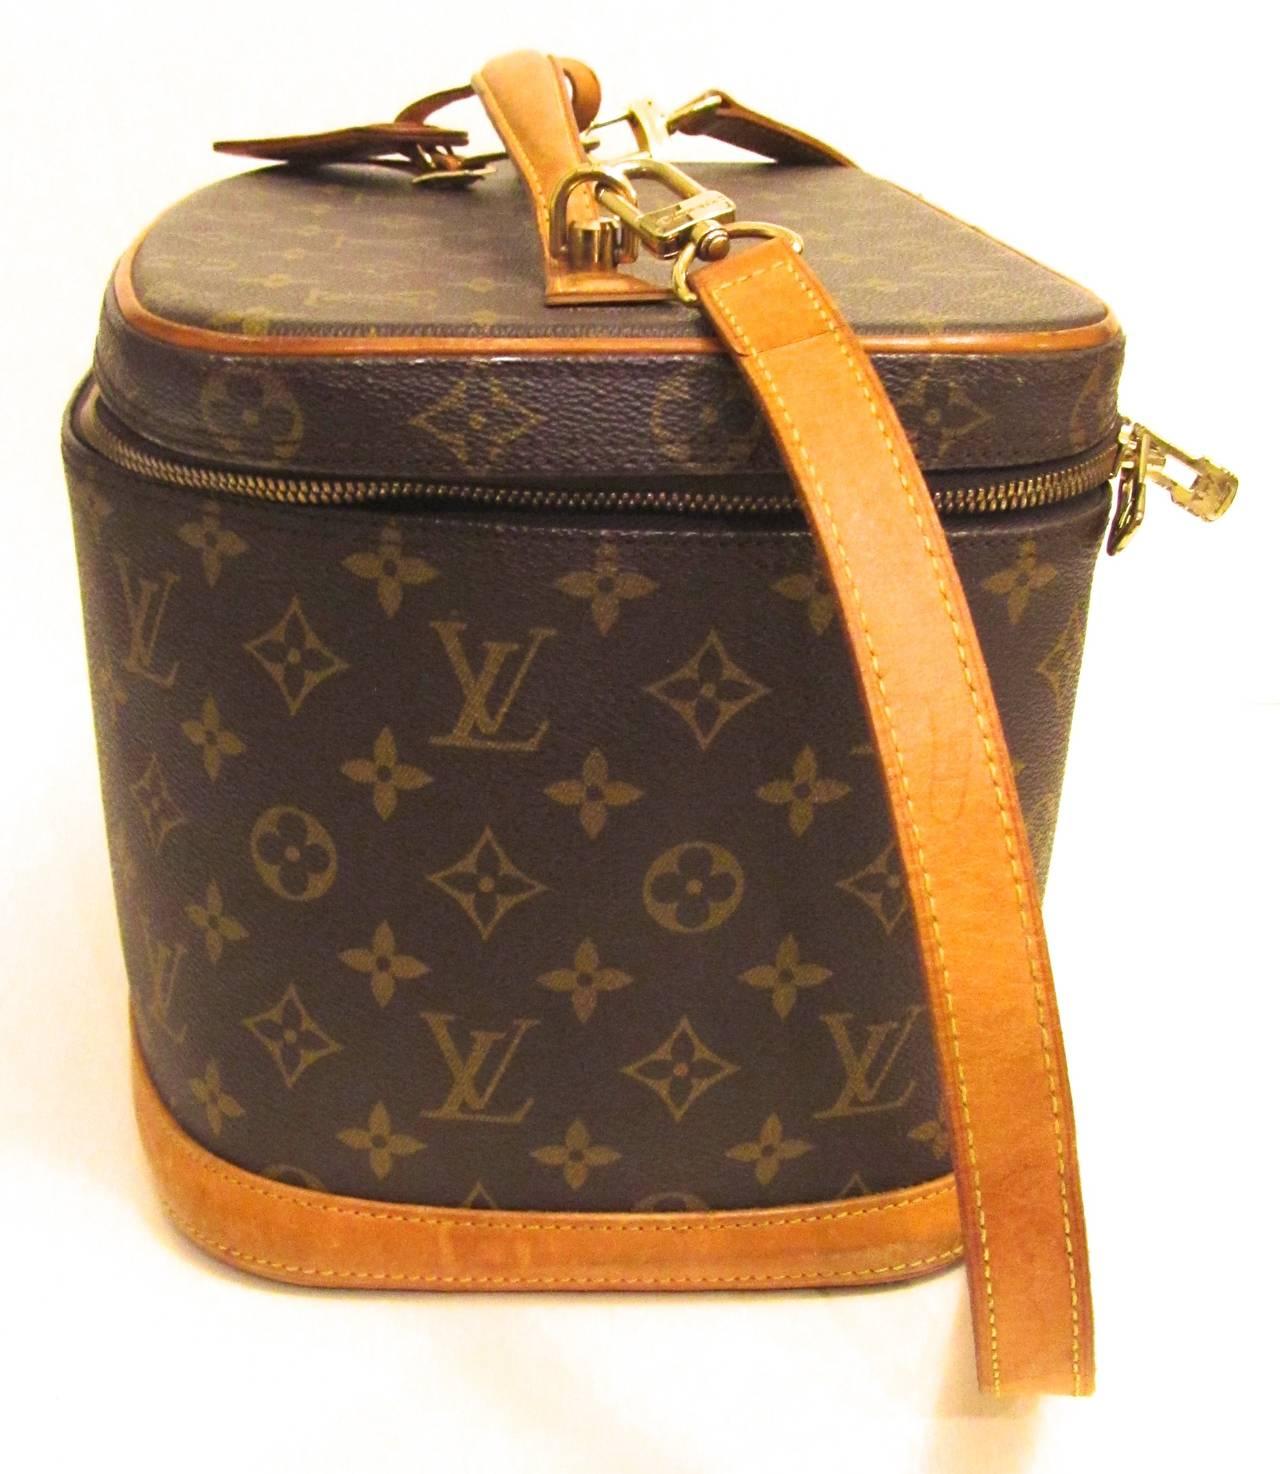 Louis Vuitton Train Case / Traveling Makeup Bag 5